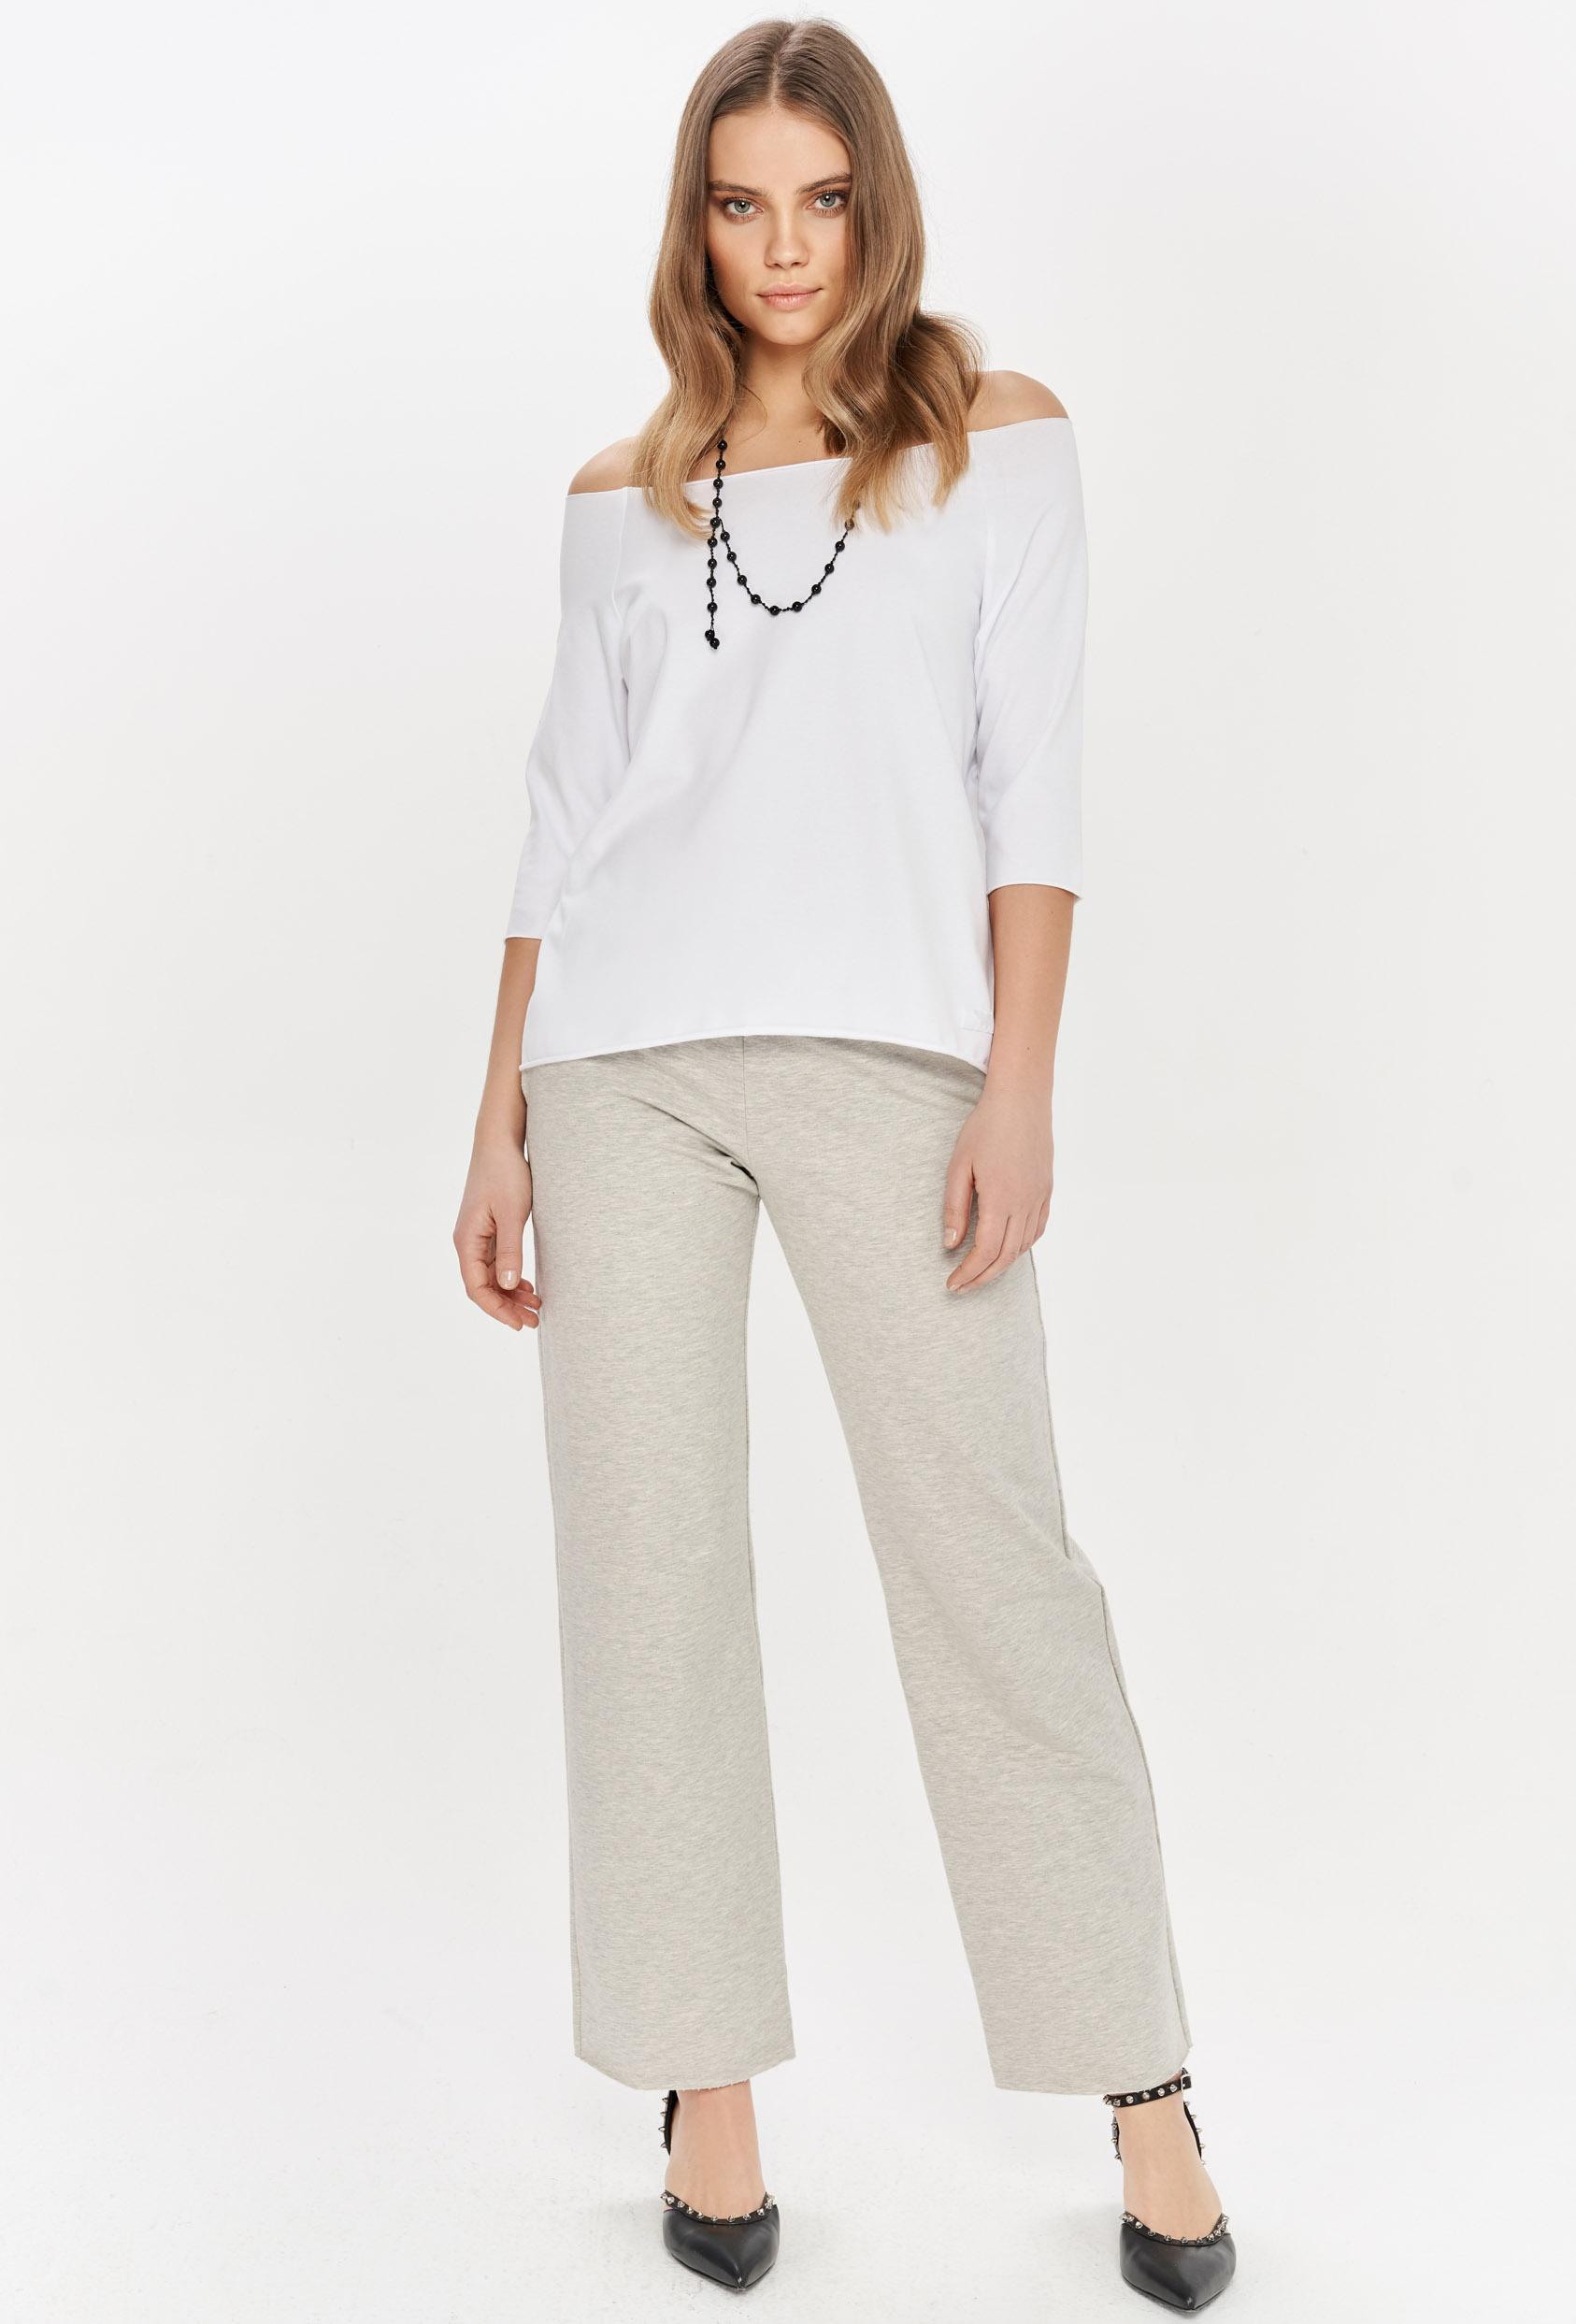 Spodnie bawełniane LUCCA PANTS szare